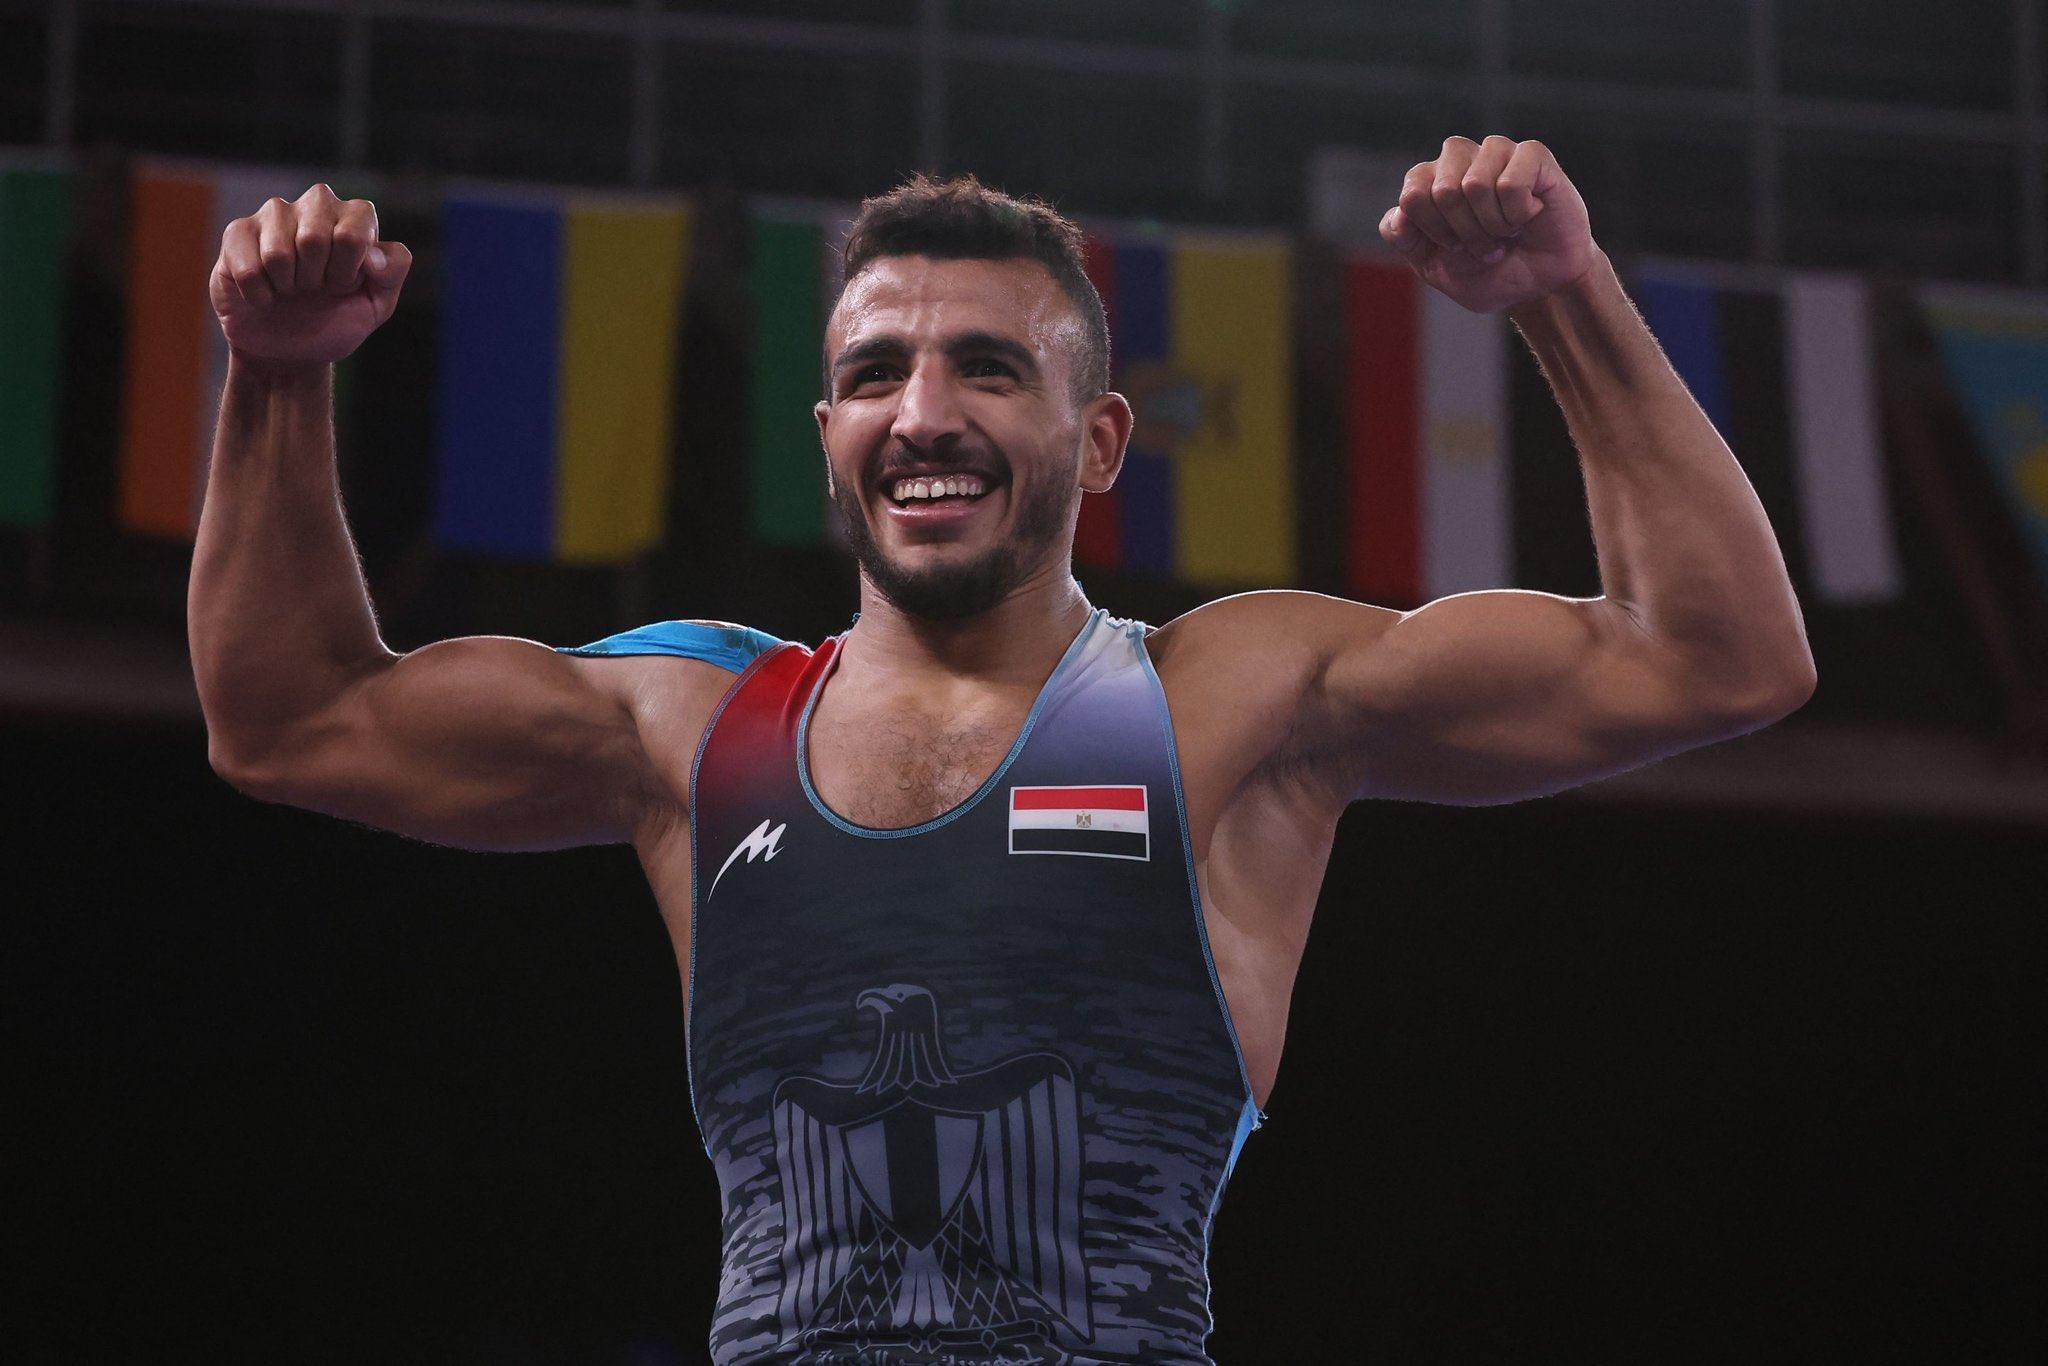 البطل الأولمبي محمد إبراهيم كيشو